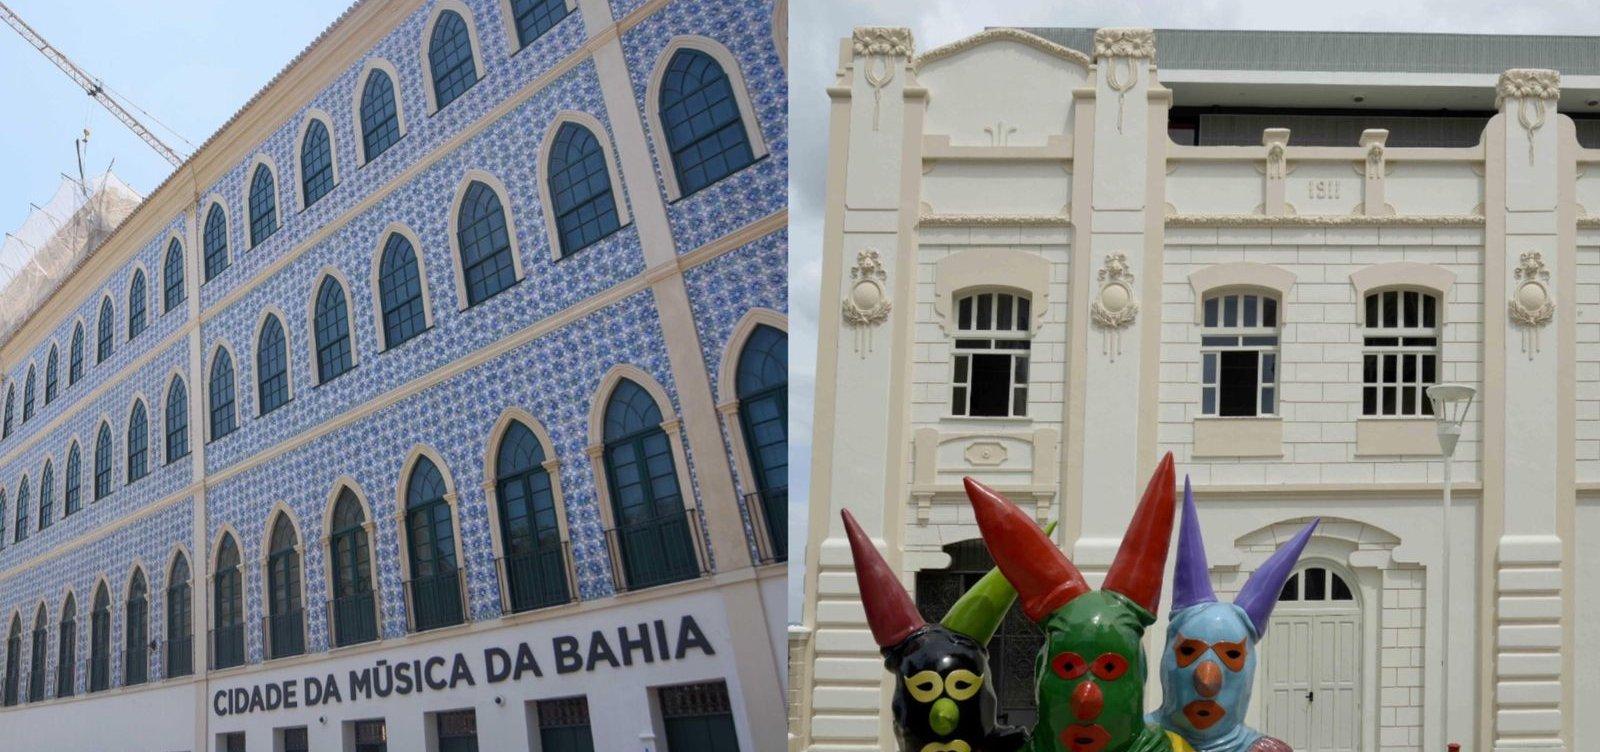 Com único bilhete, público poderá conhecer Cidade da Música e Casa do Carnaval em novembro